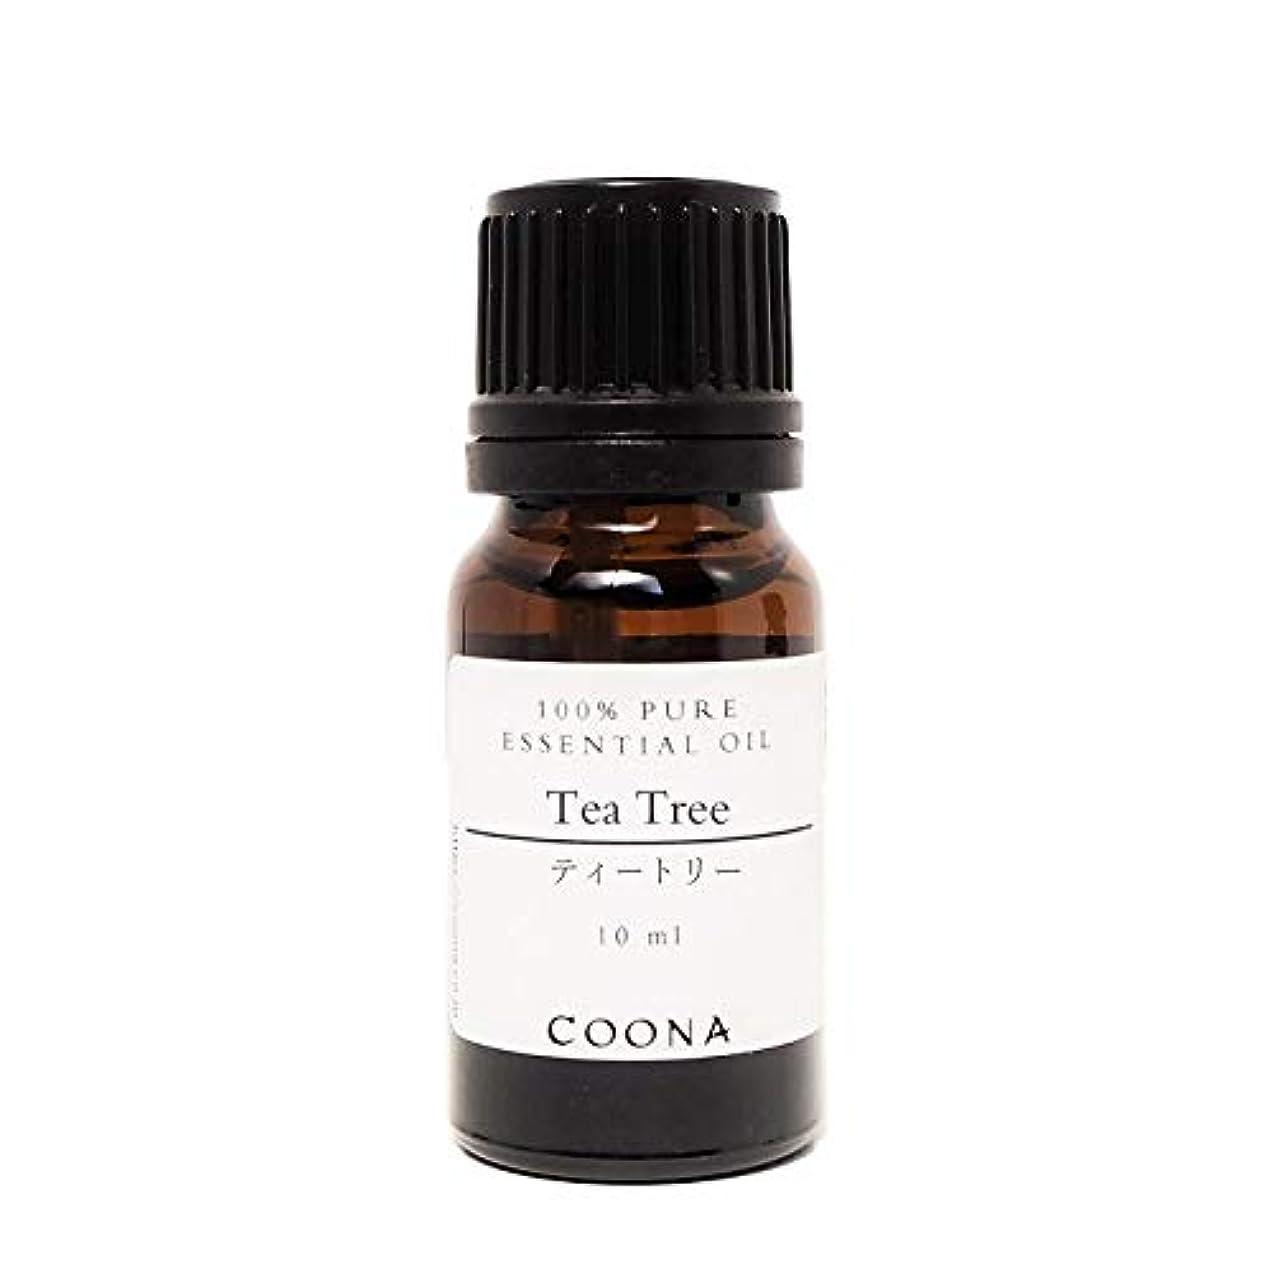 必要咲く接ぎ木ティートリー 10 ml (COONA エッセンシャルオイル アロマオイル 100%天然植物精油)